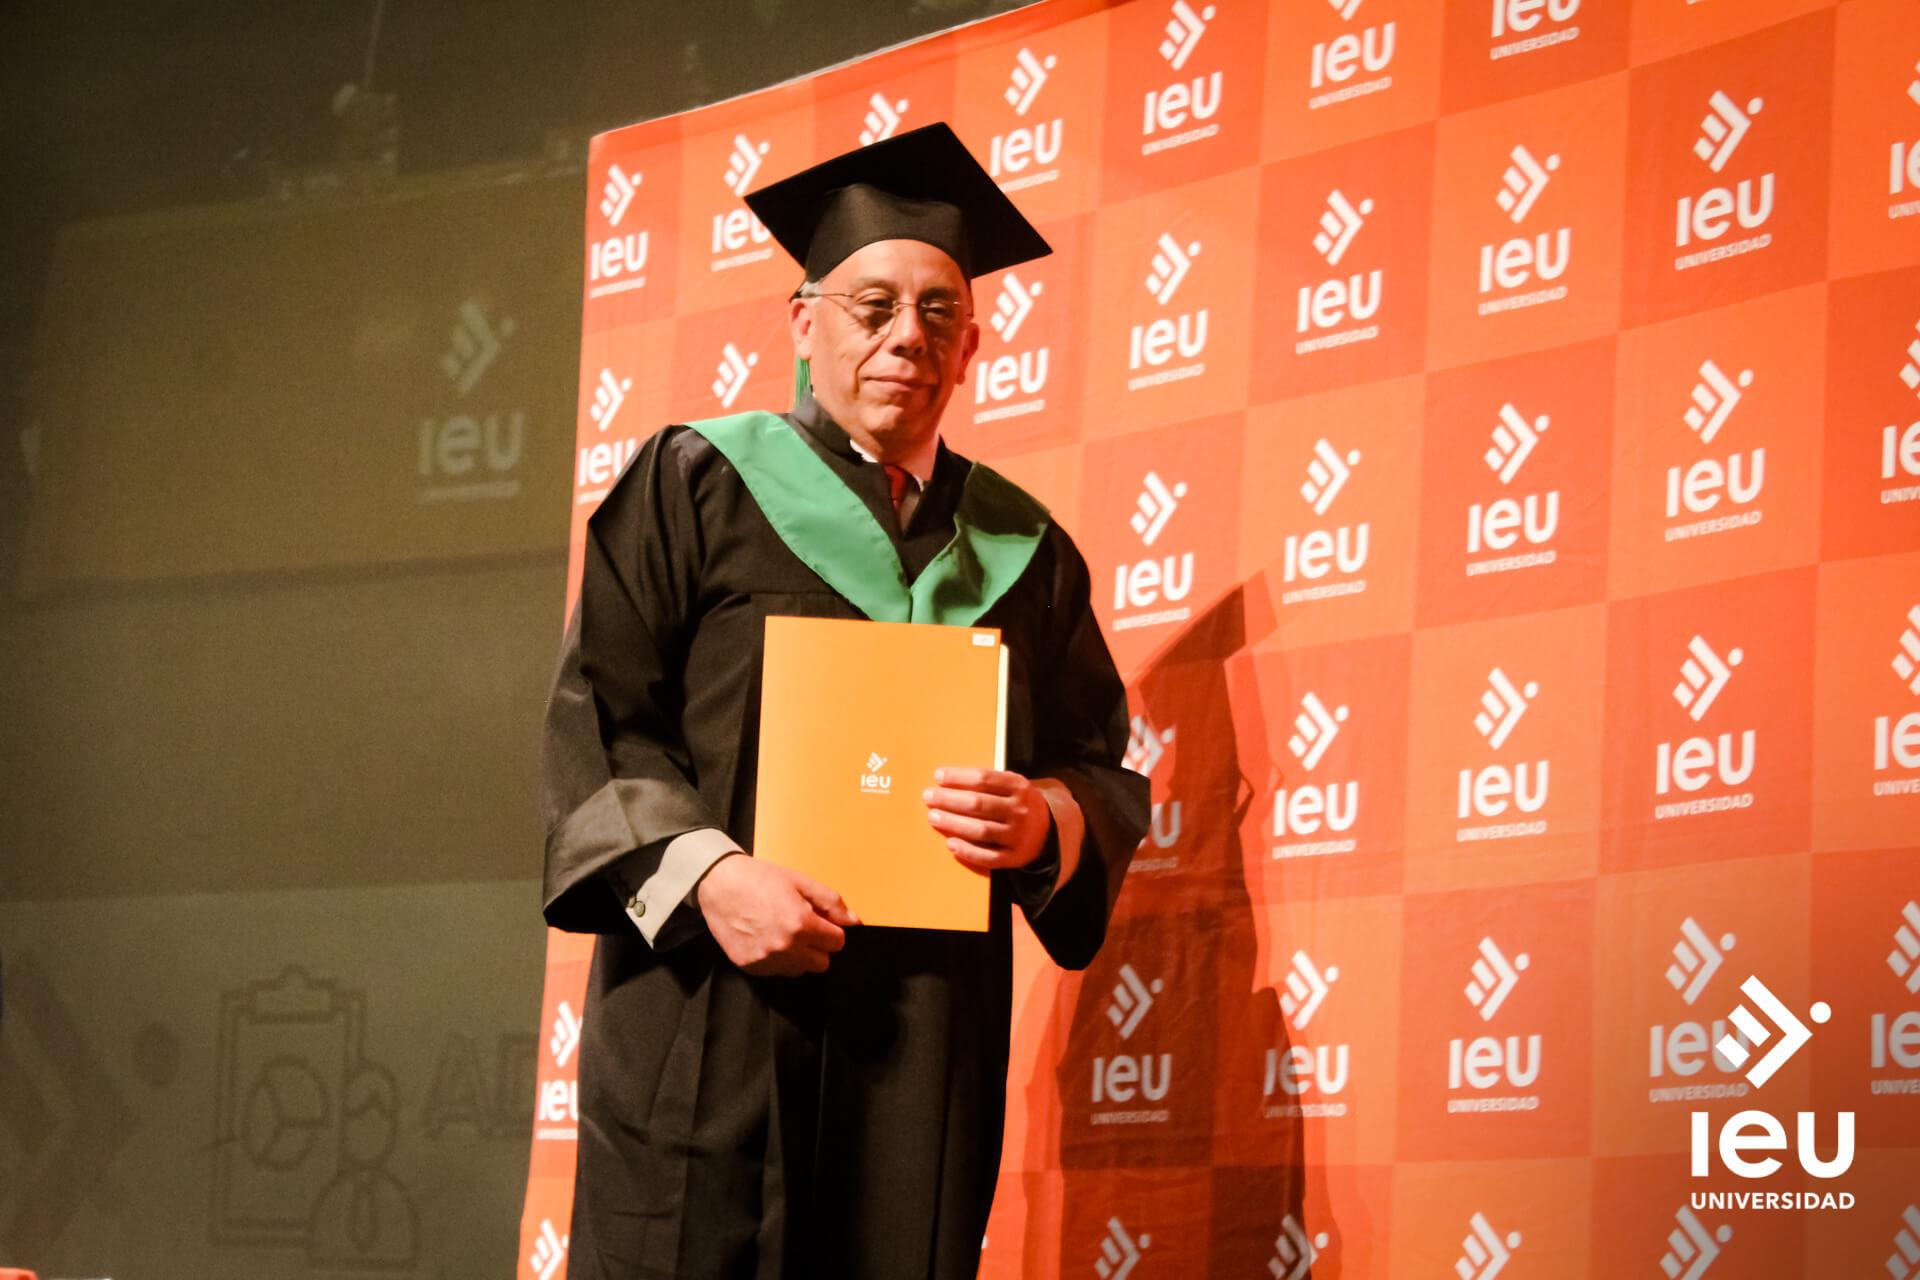 Universidad Ieu Graduacion 2019 13